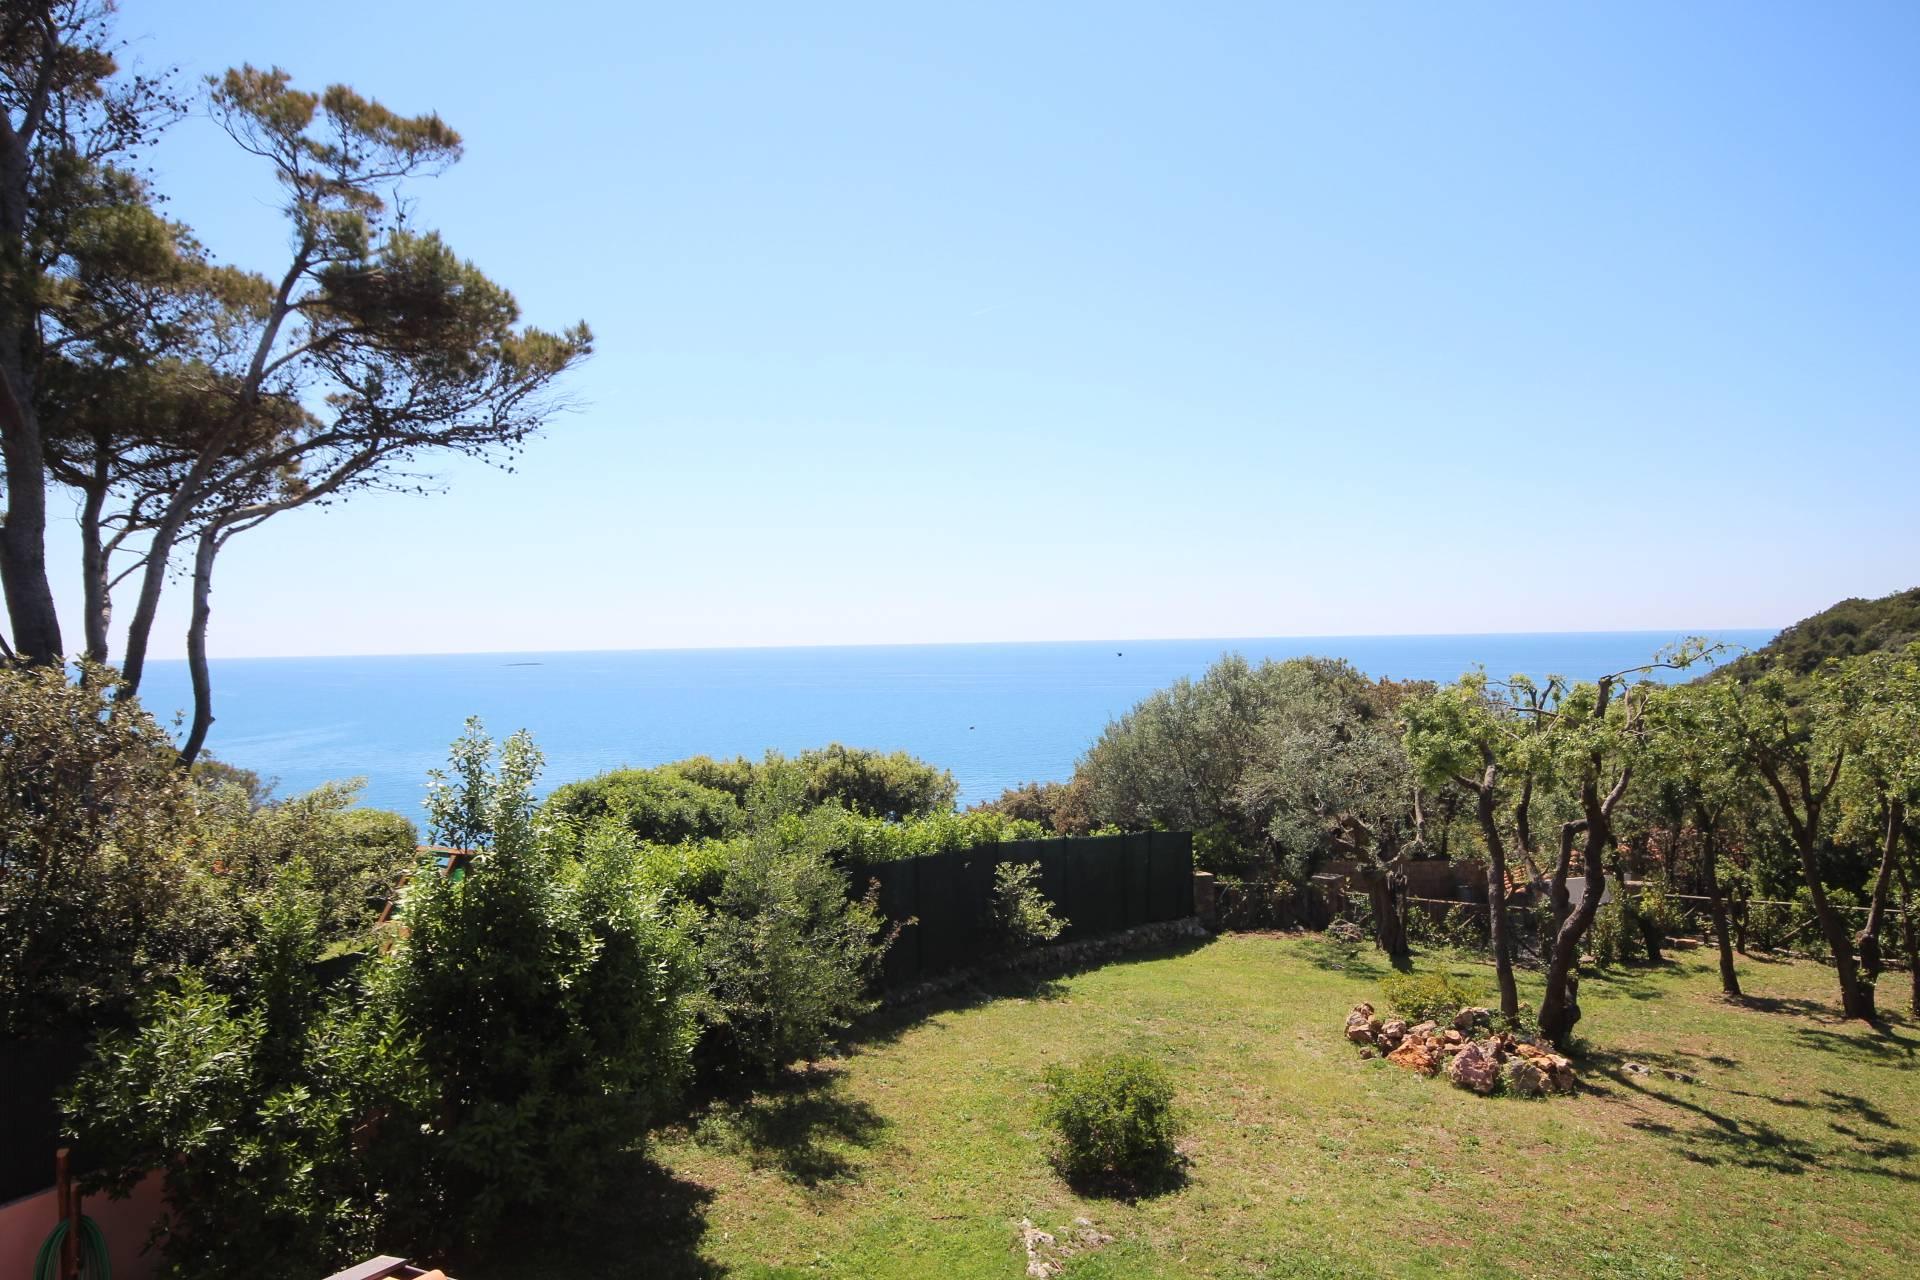 Villa in vendita a Orbetello, 9 locali, zona Zona: Ansedonia, prezzo € 1.800.000 | Cambio Casa.it